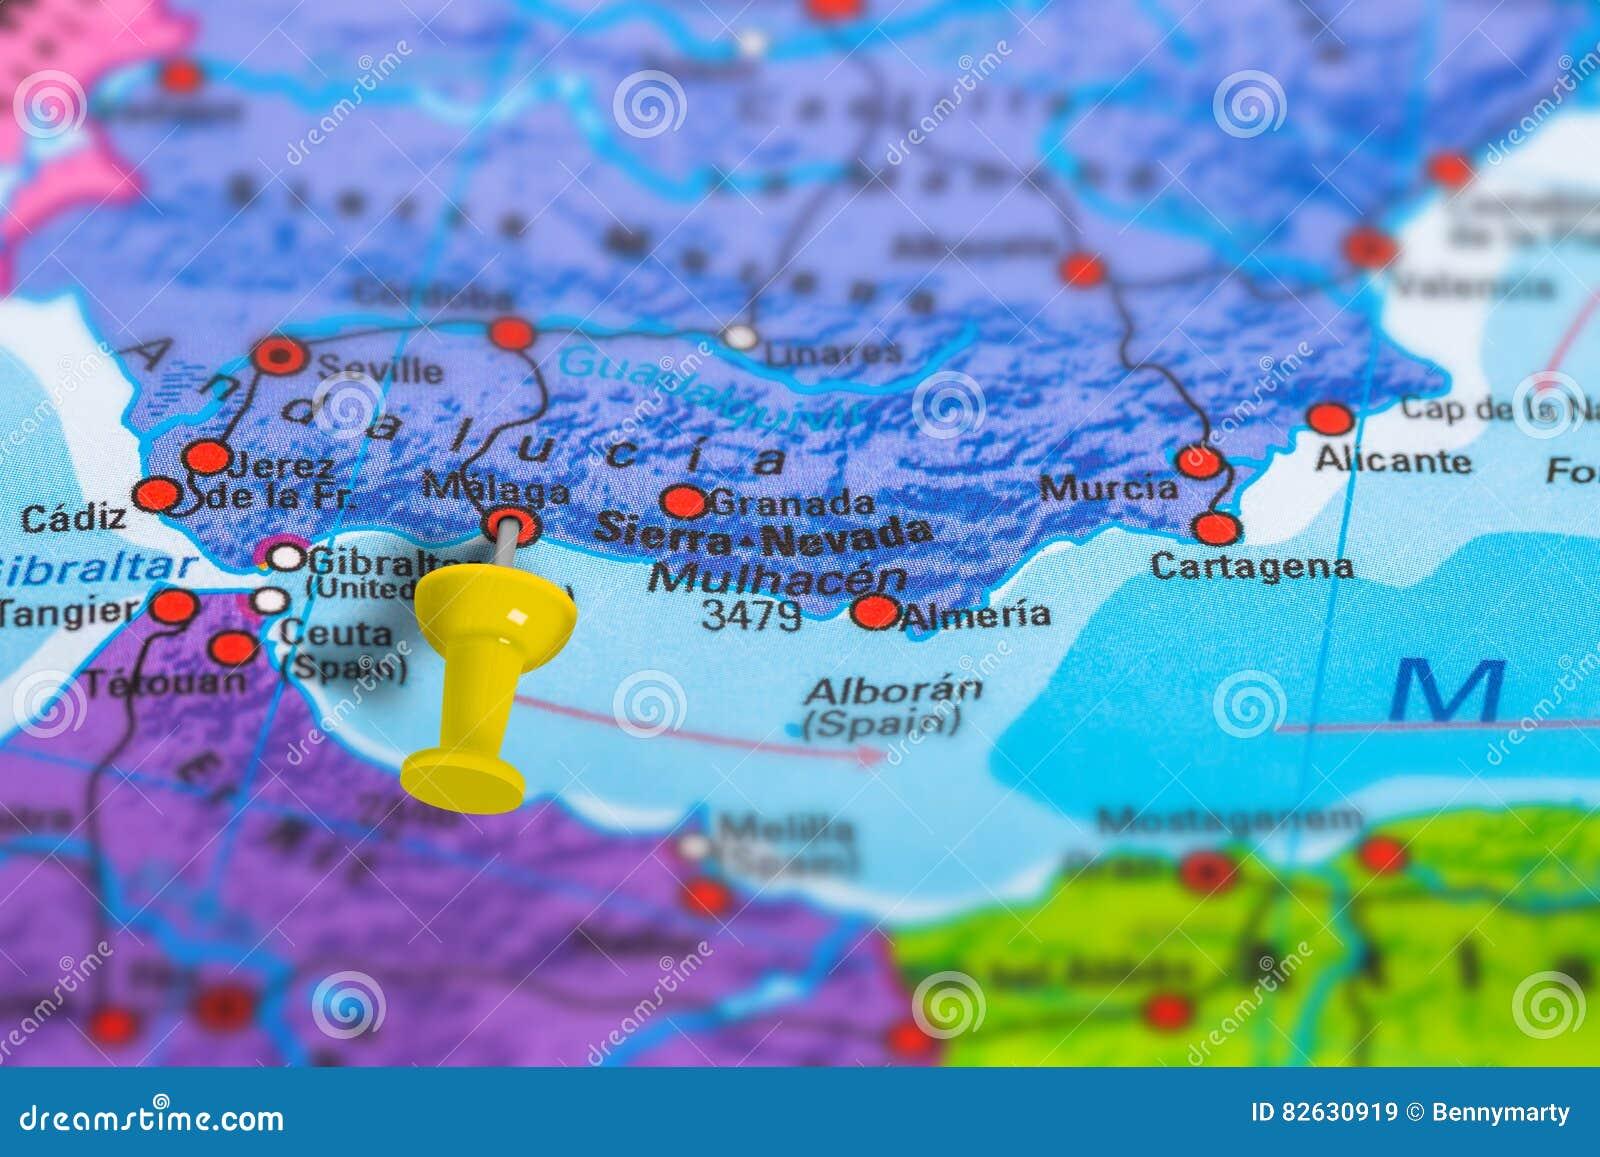 De Kaart Van Malaga Spanje Stock Afbeelding Afbeelding Bestaande